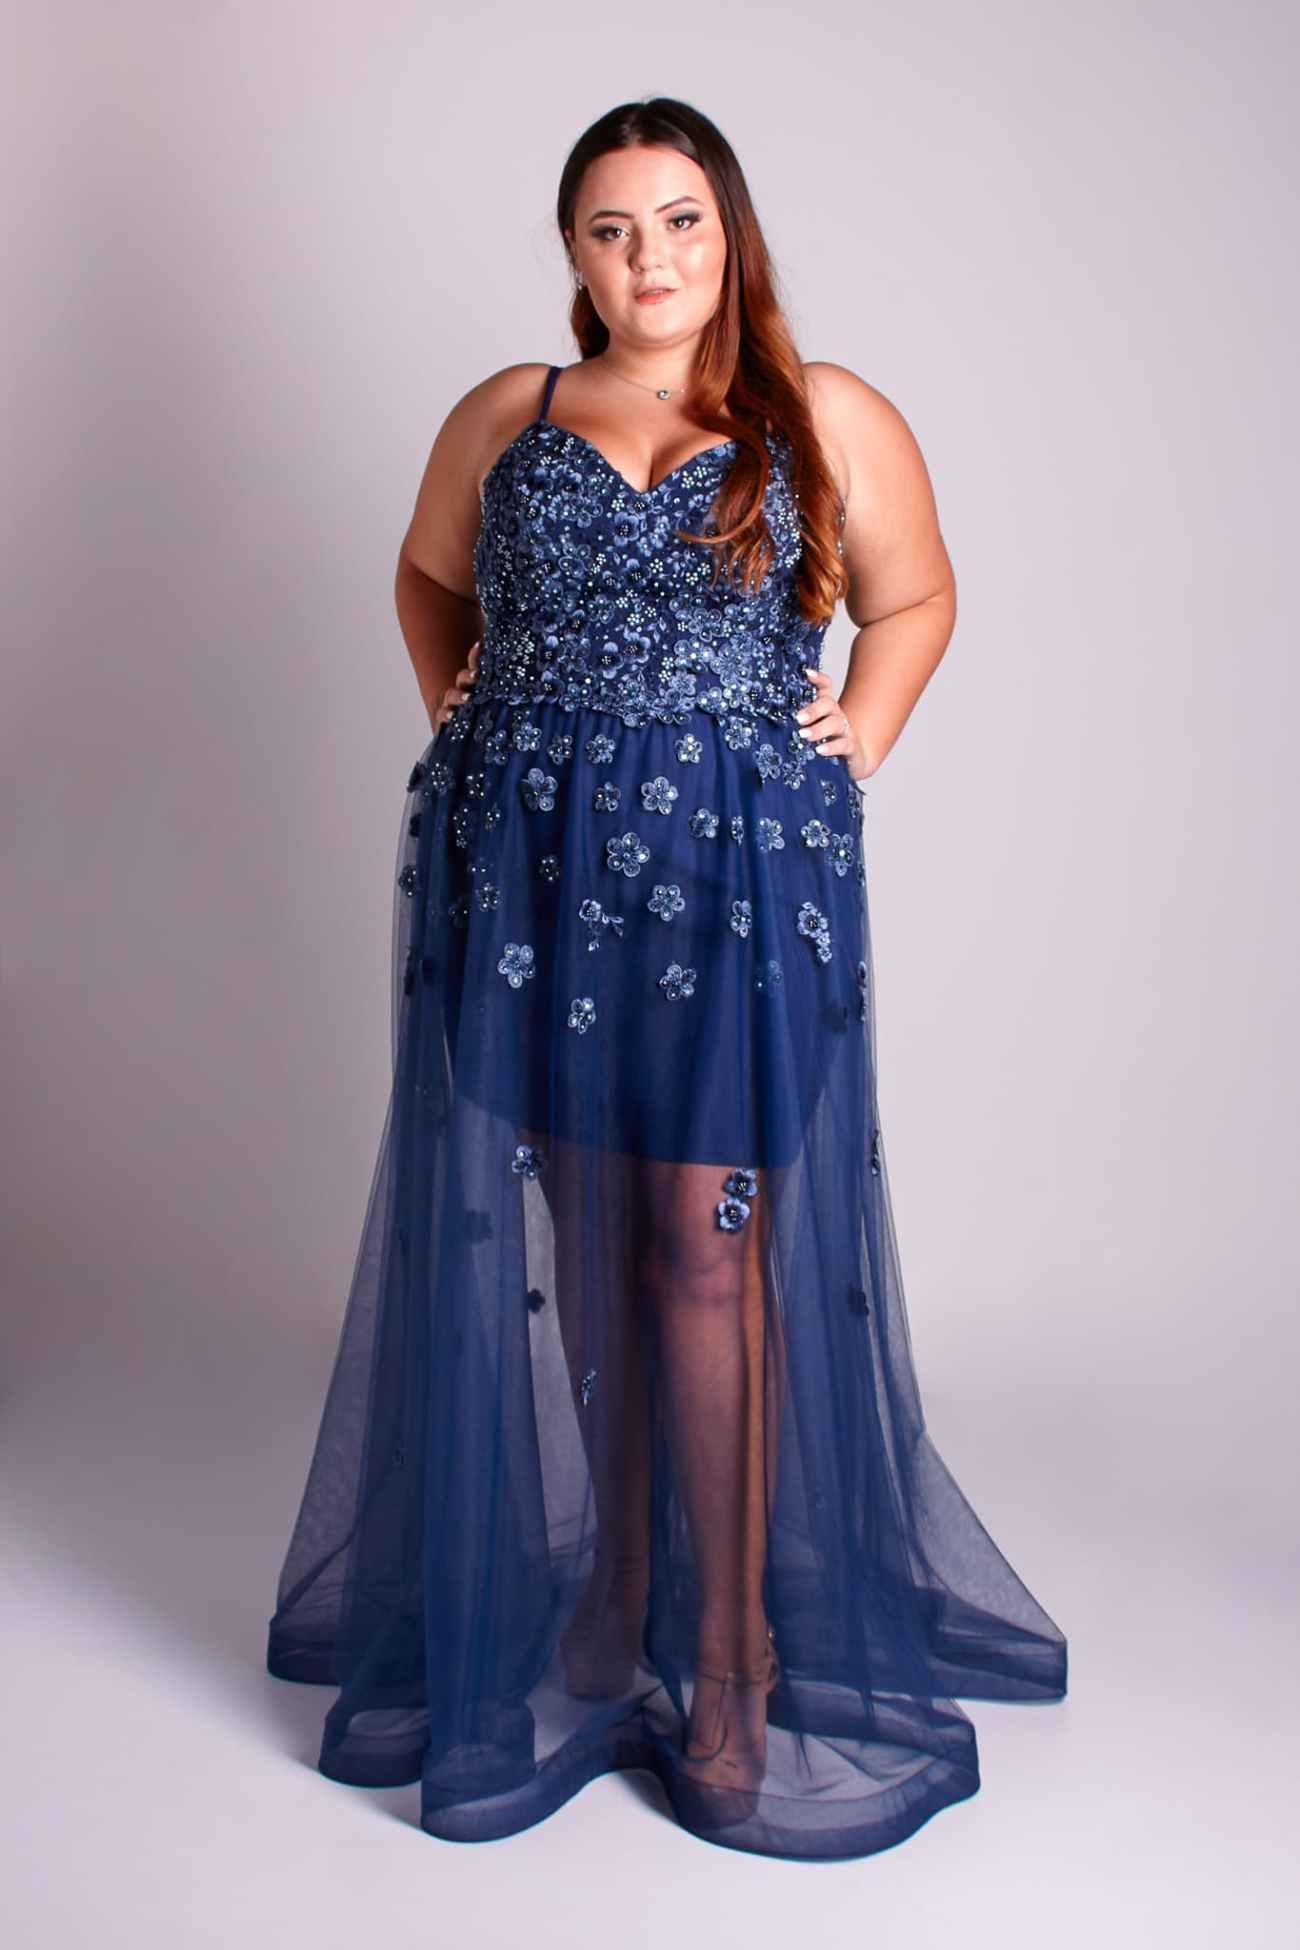 147 - Vestido azul marinho feito em renda floral com sobressaia de tule